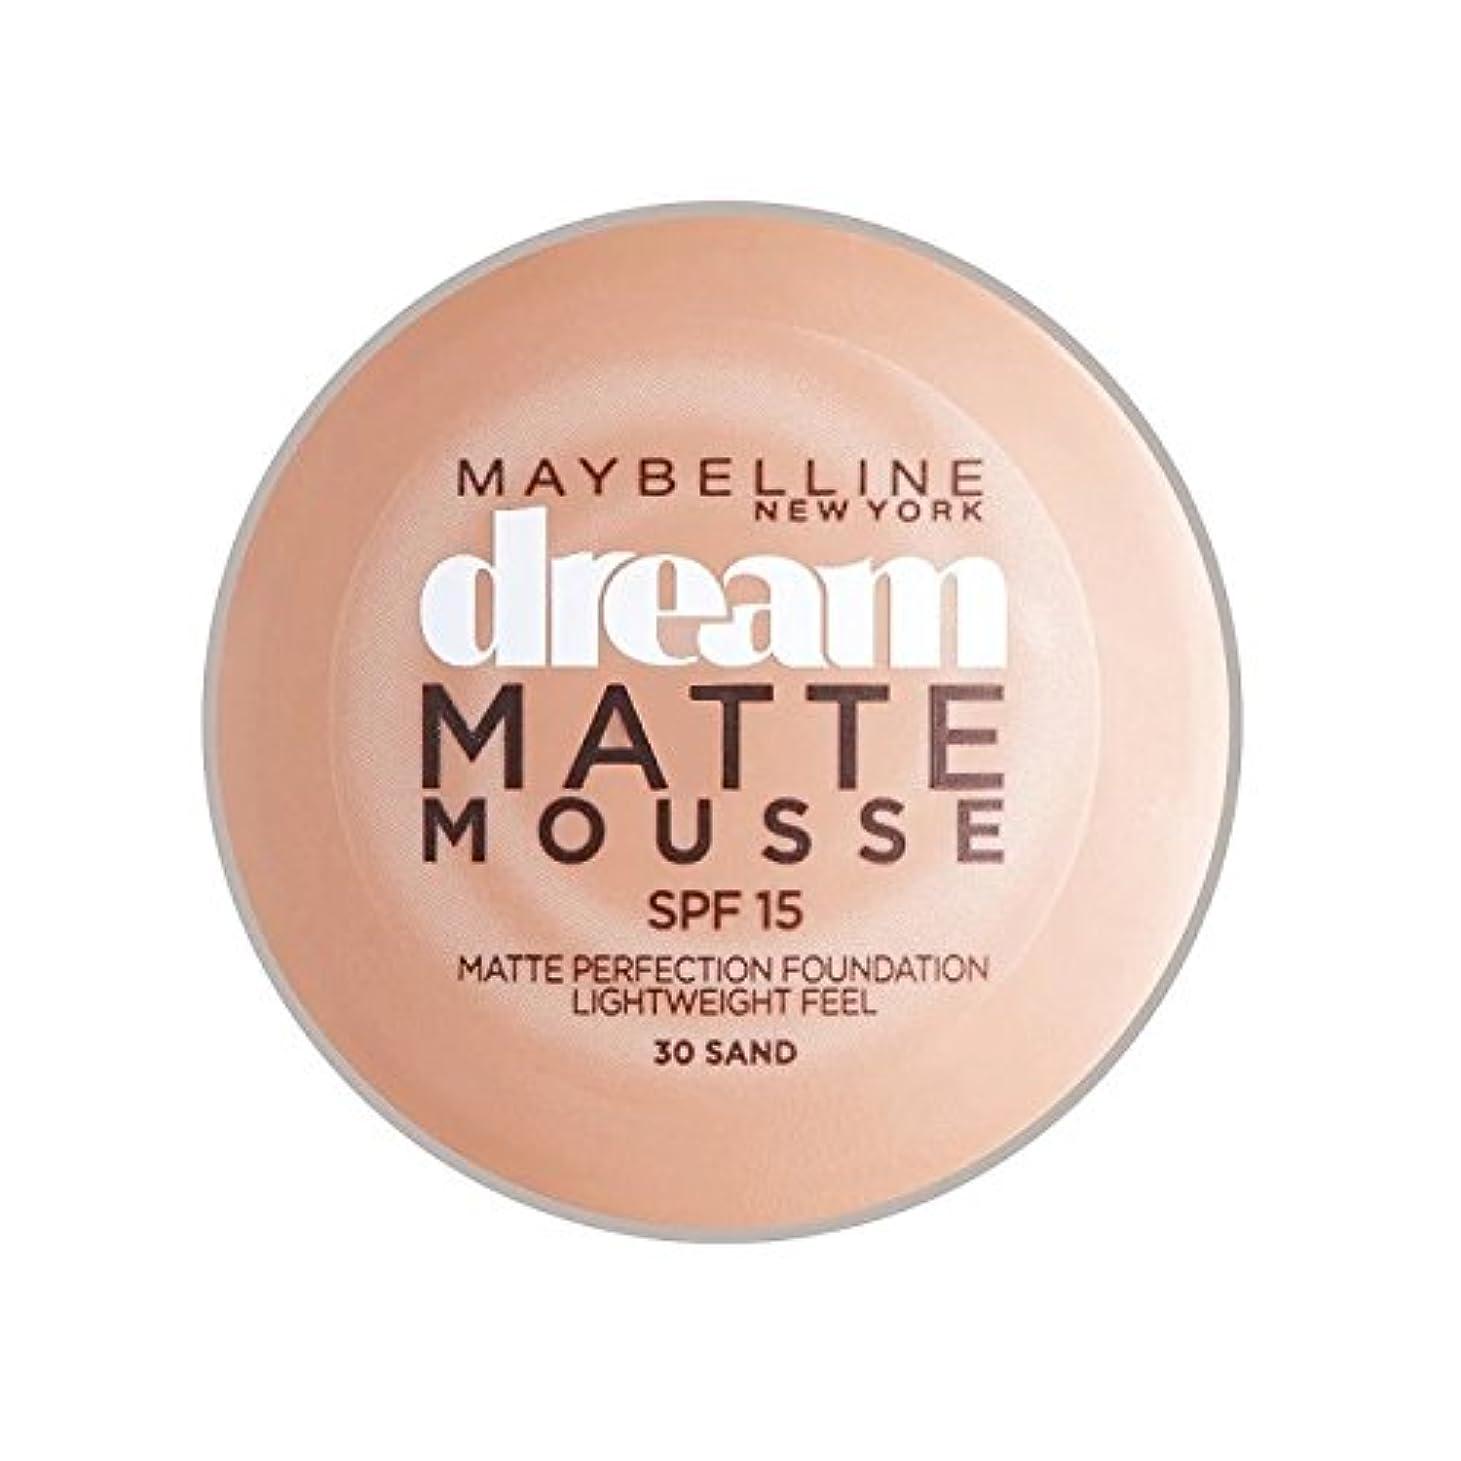 保証金球体ボウリングメイベリン夢のマットムース土台30砂の10ミリリットル x2 - Maybelline Dream Matte Mousse Foundation 30 Sand 10ml (Pack of 2) [並行輸入品]